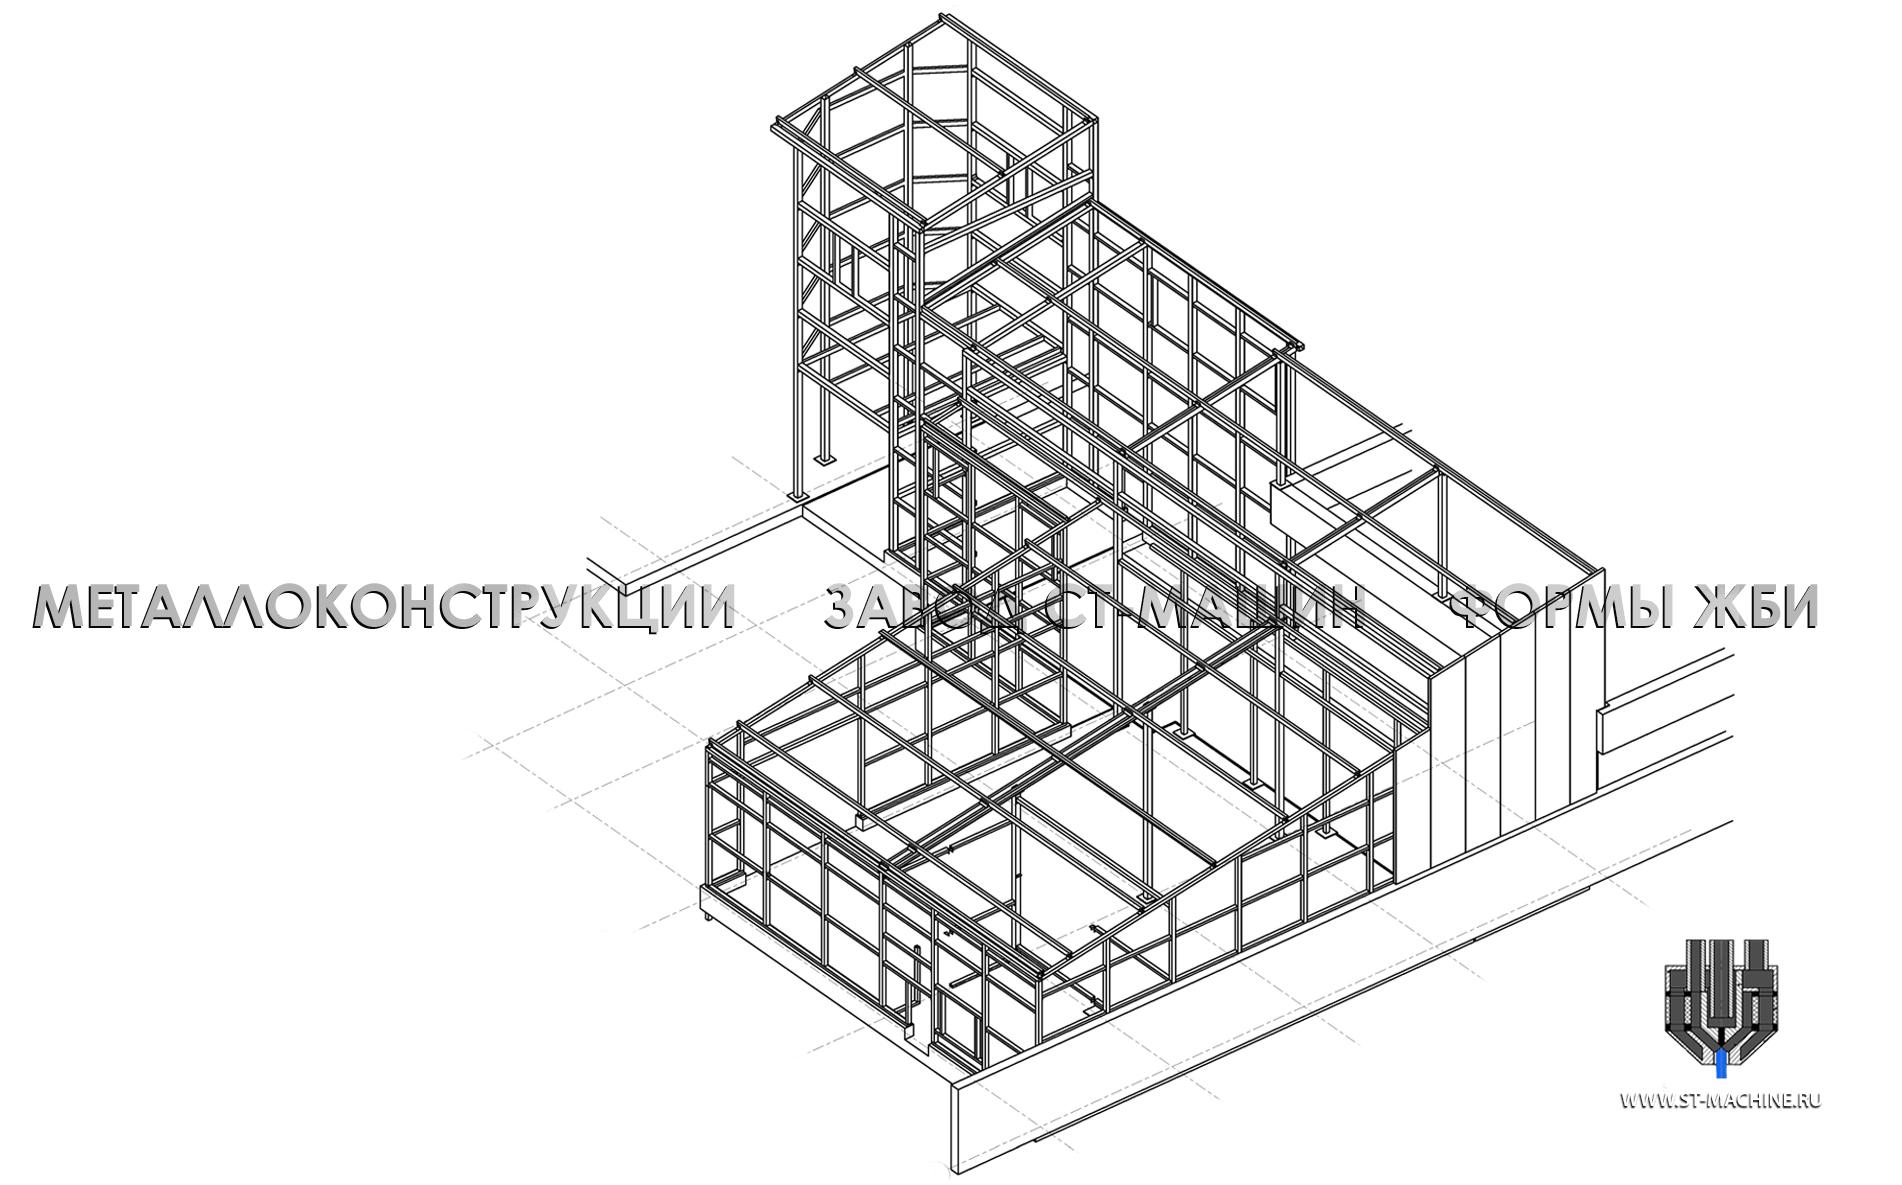 st-machine.ru-изготовление-металлоконструкций-на-заказ.jpg